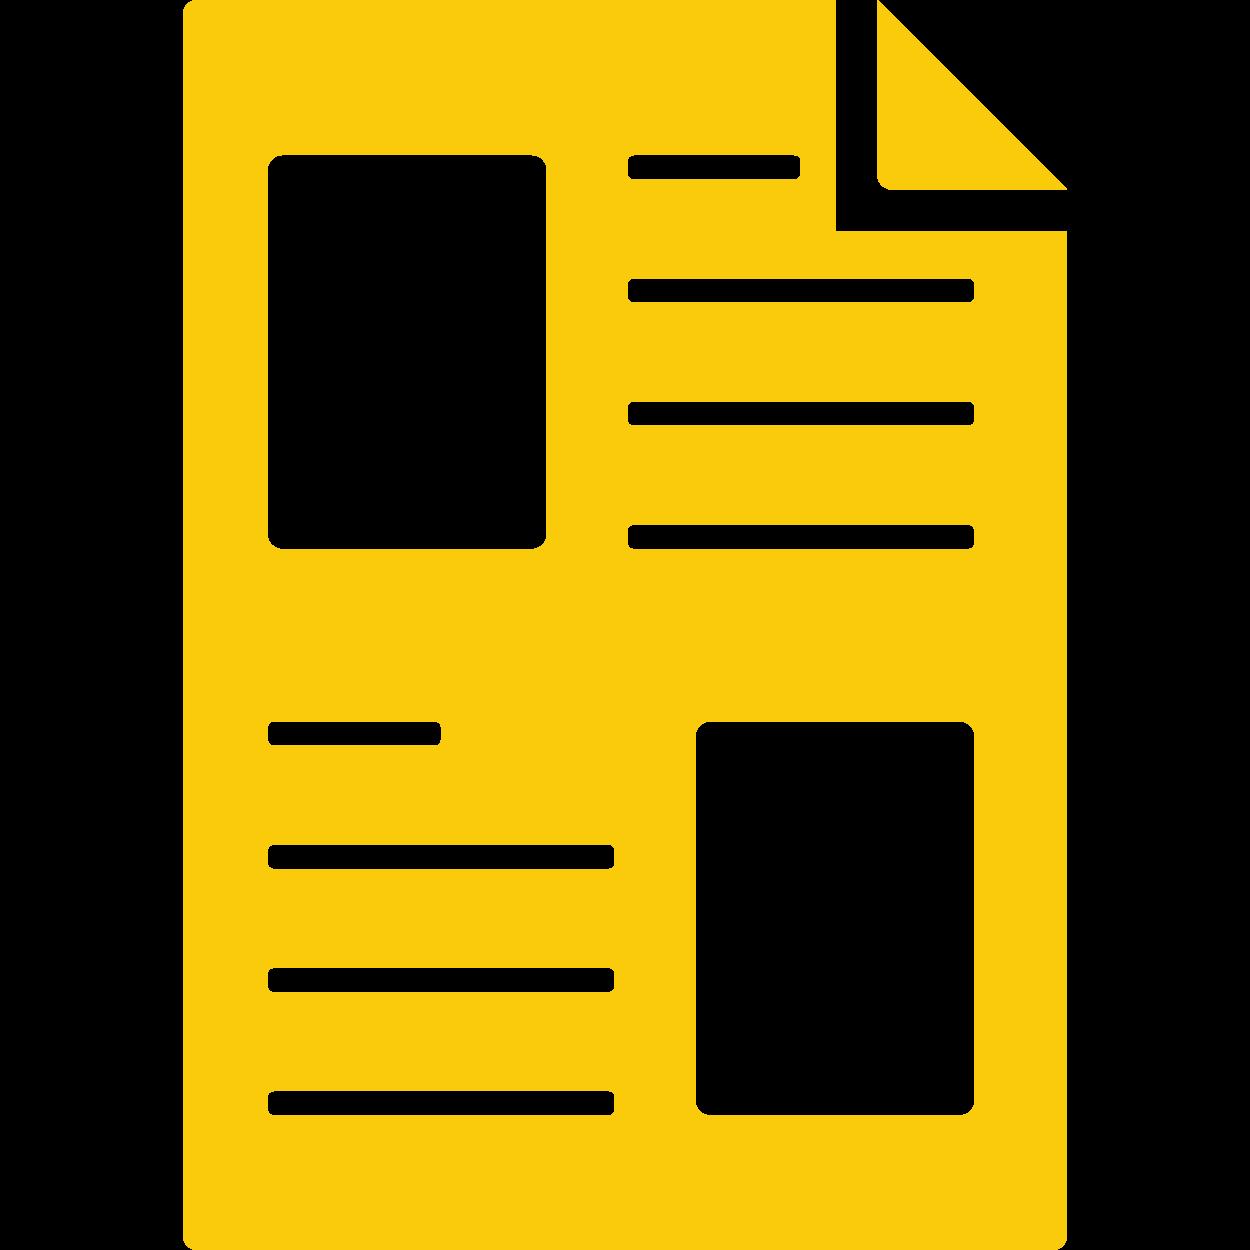 sim_strumenti_fogli_applicazione_icona